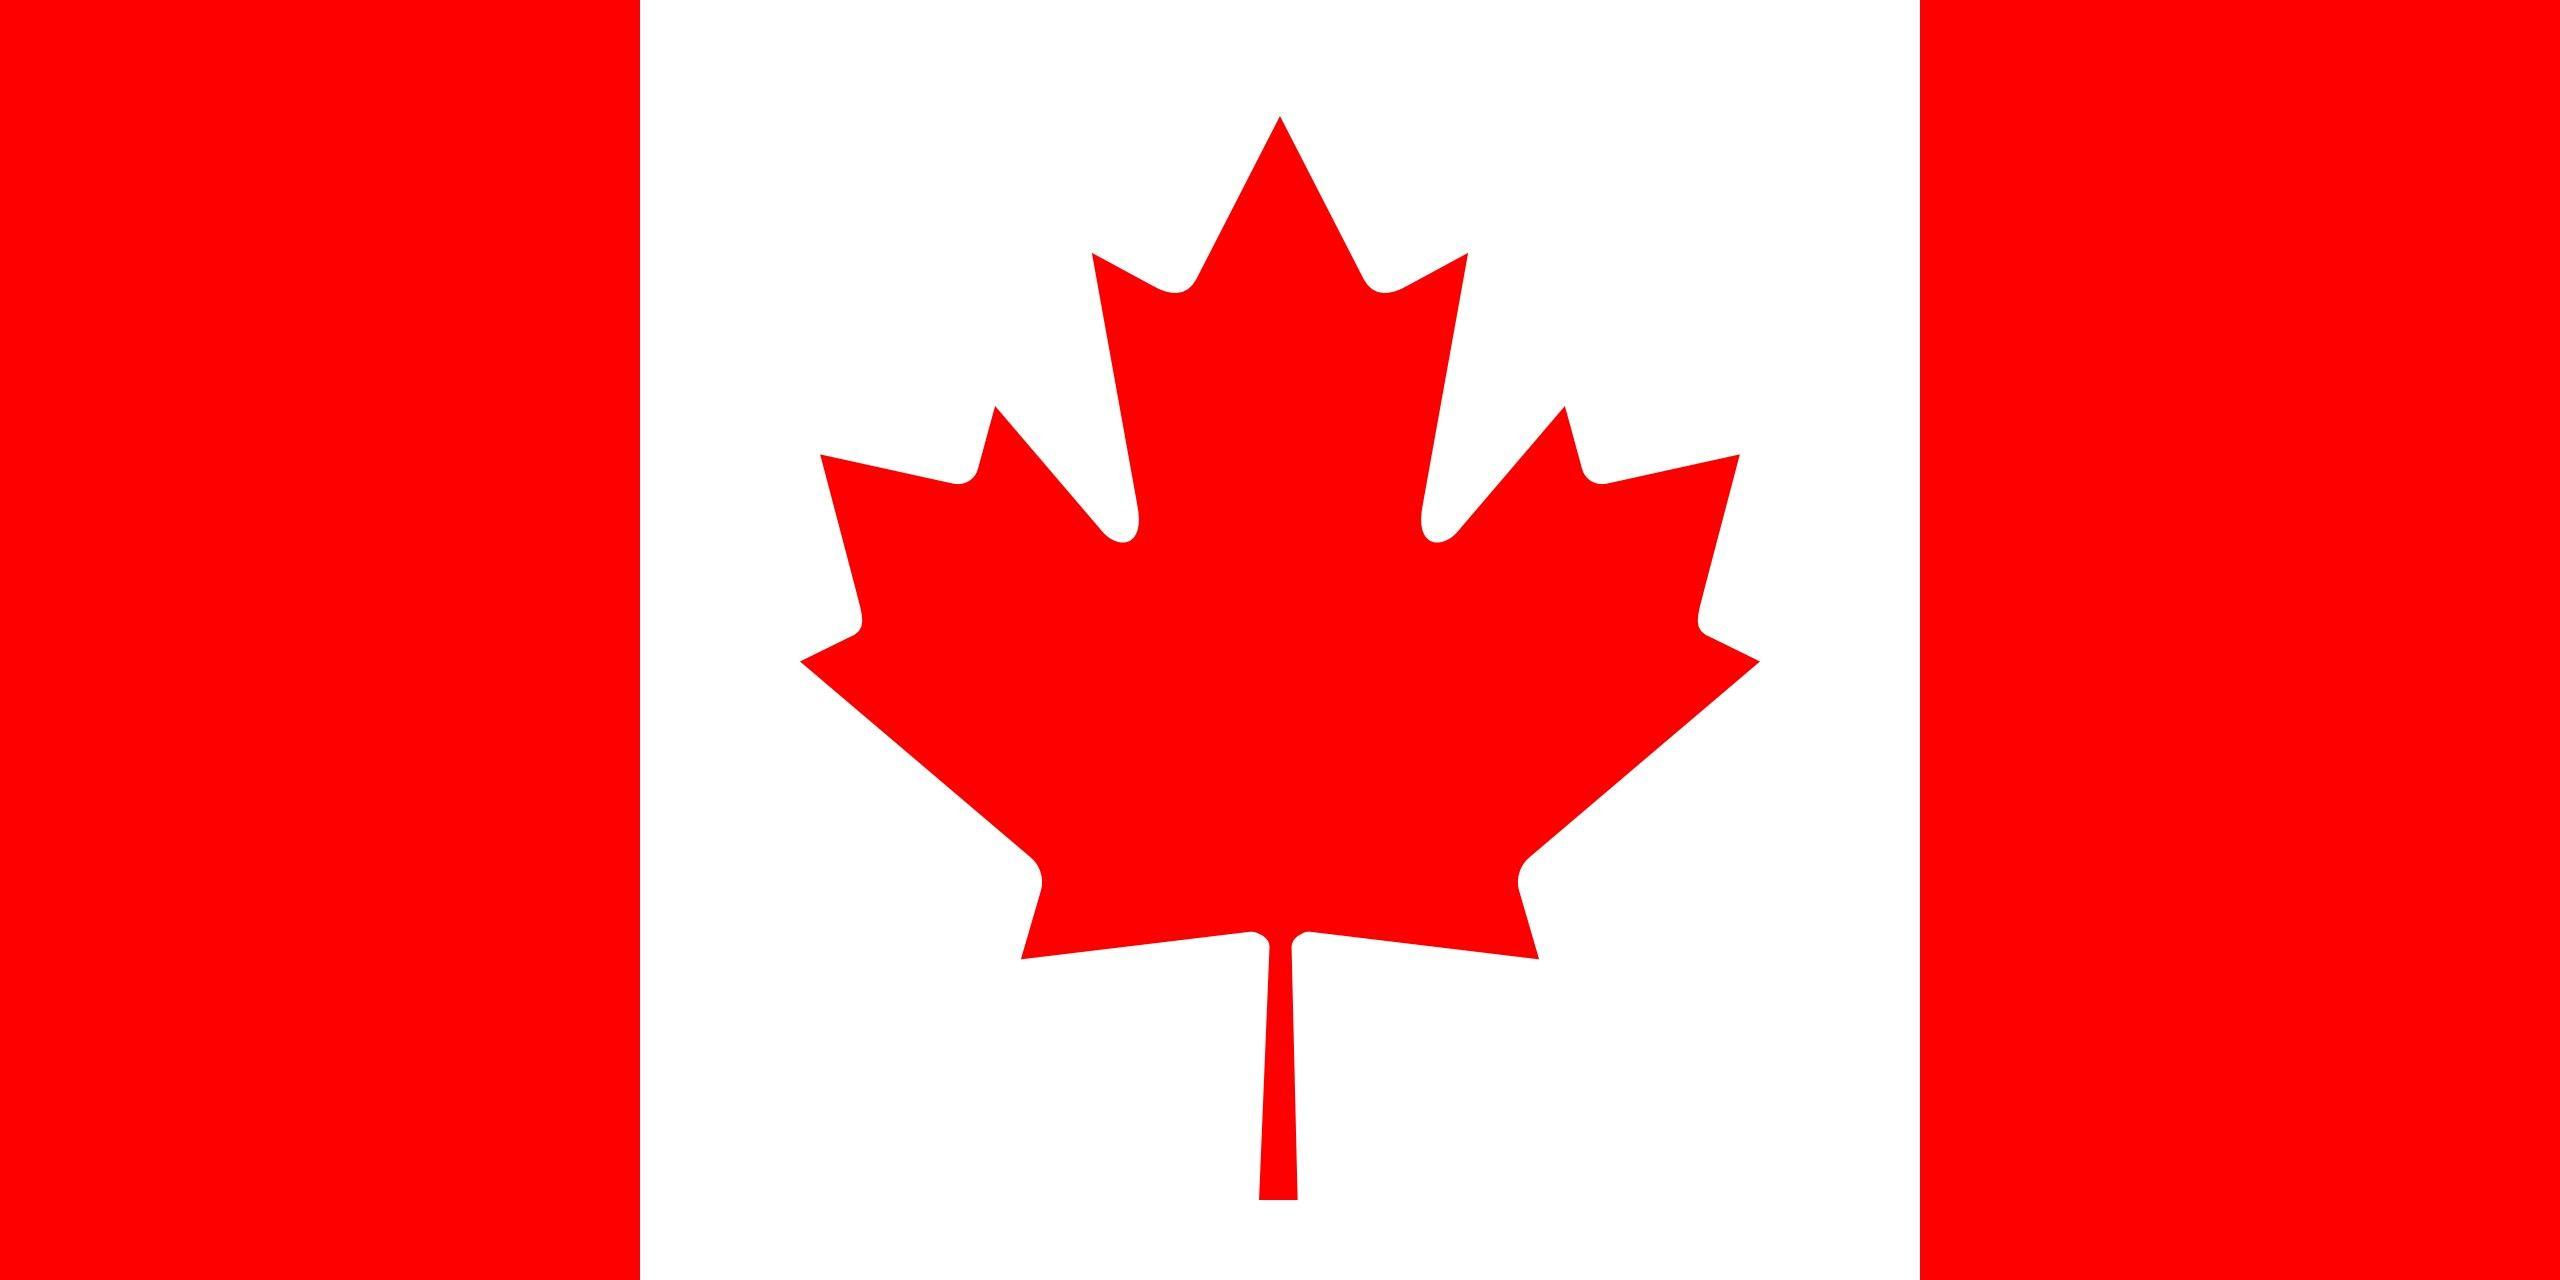 Bandera De Canada Es Una Bandera Roja Con Un Cuadrado Blanco En